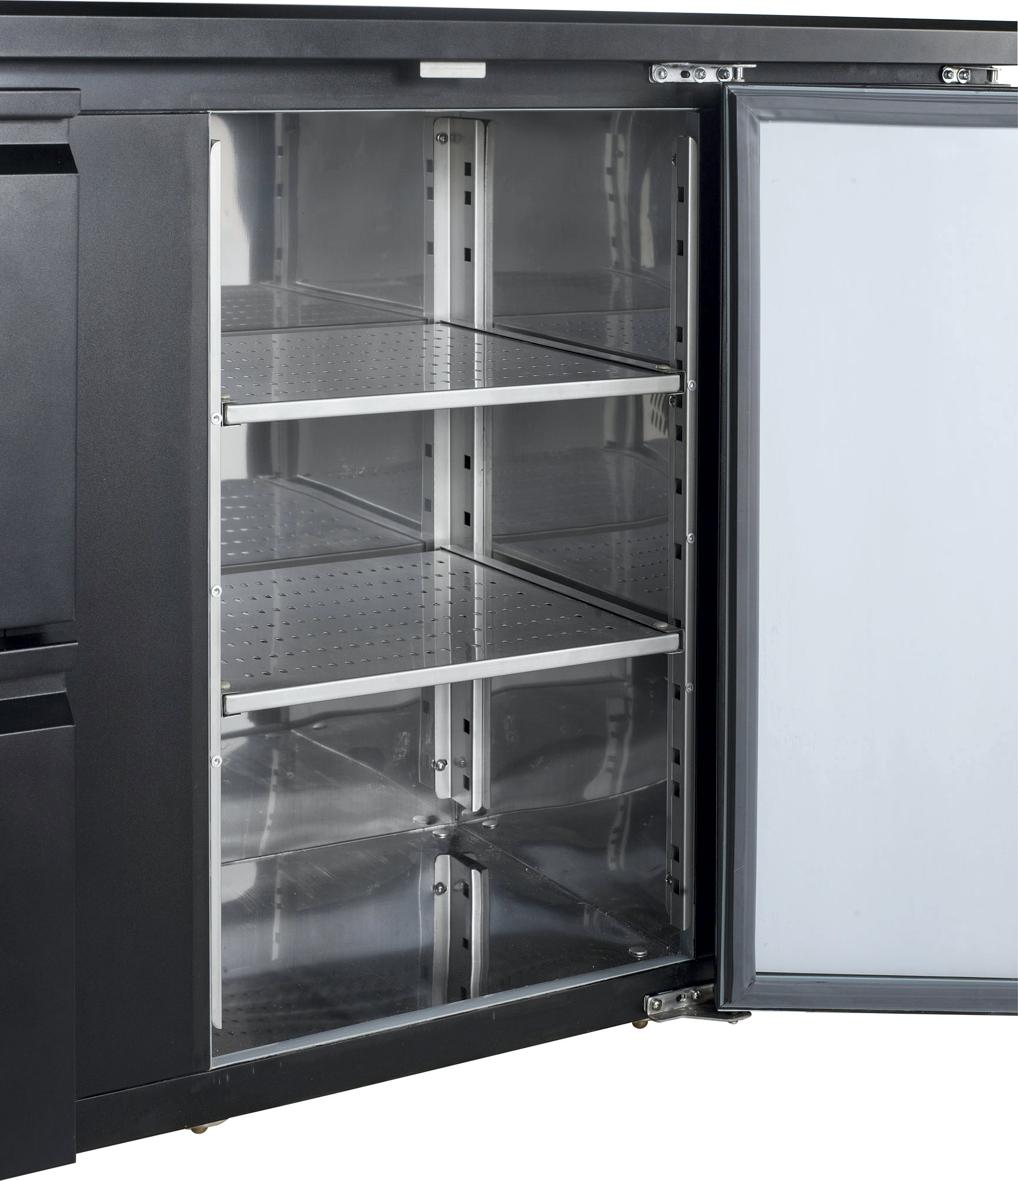 Backbar-Kühlschrank CBC 310 G – Esta